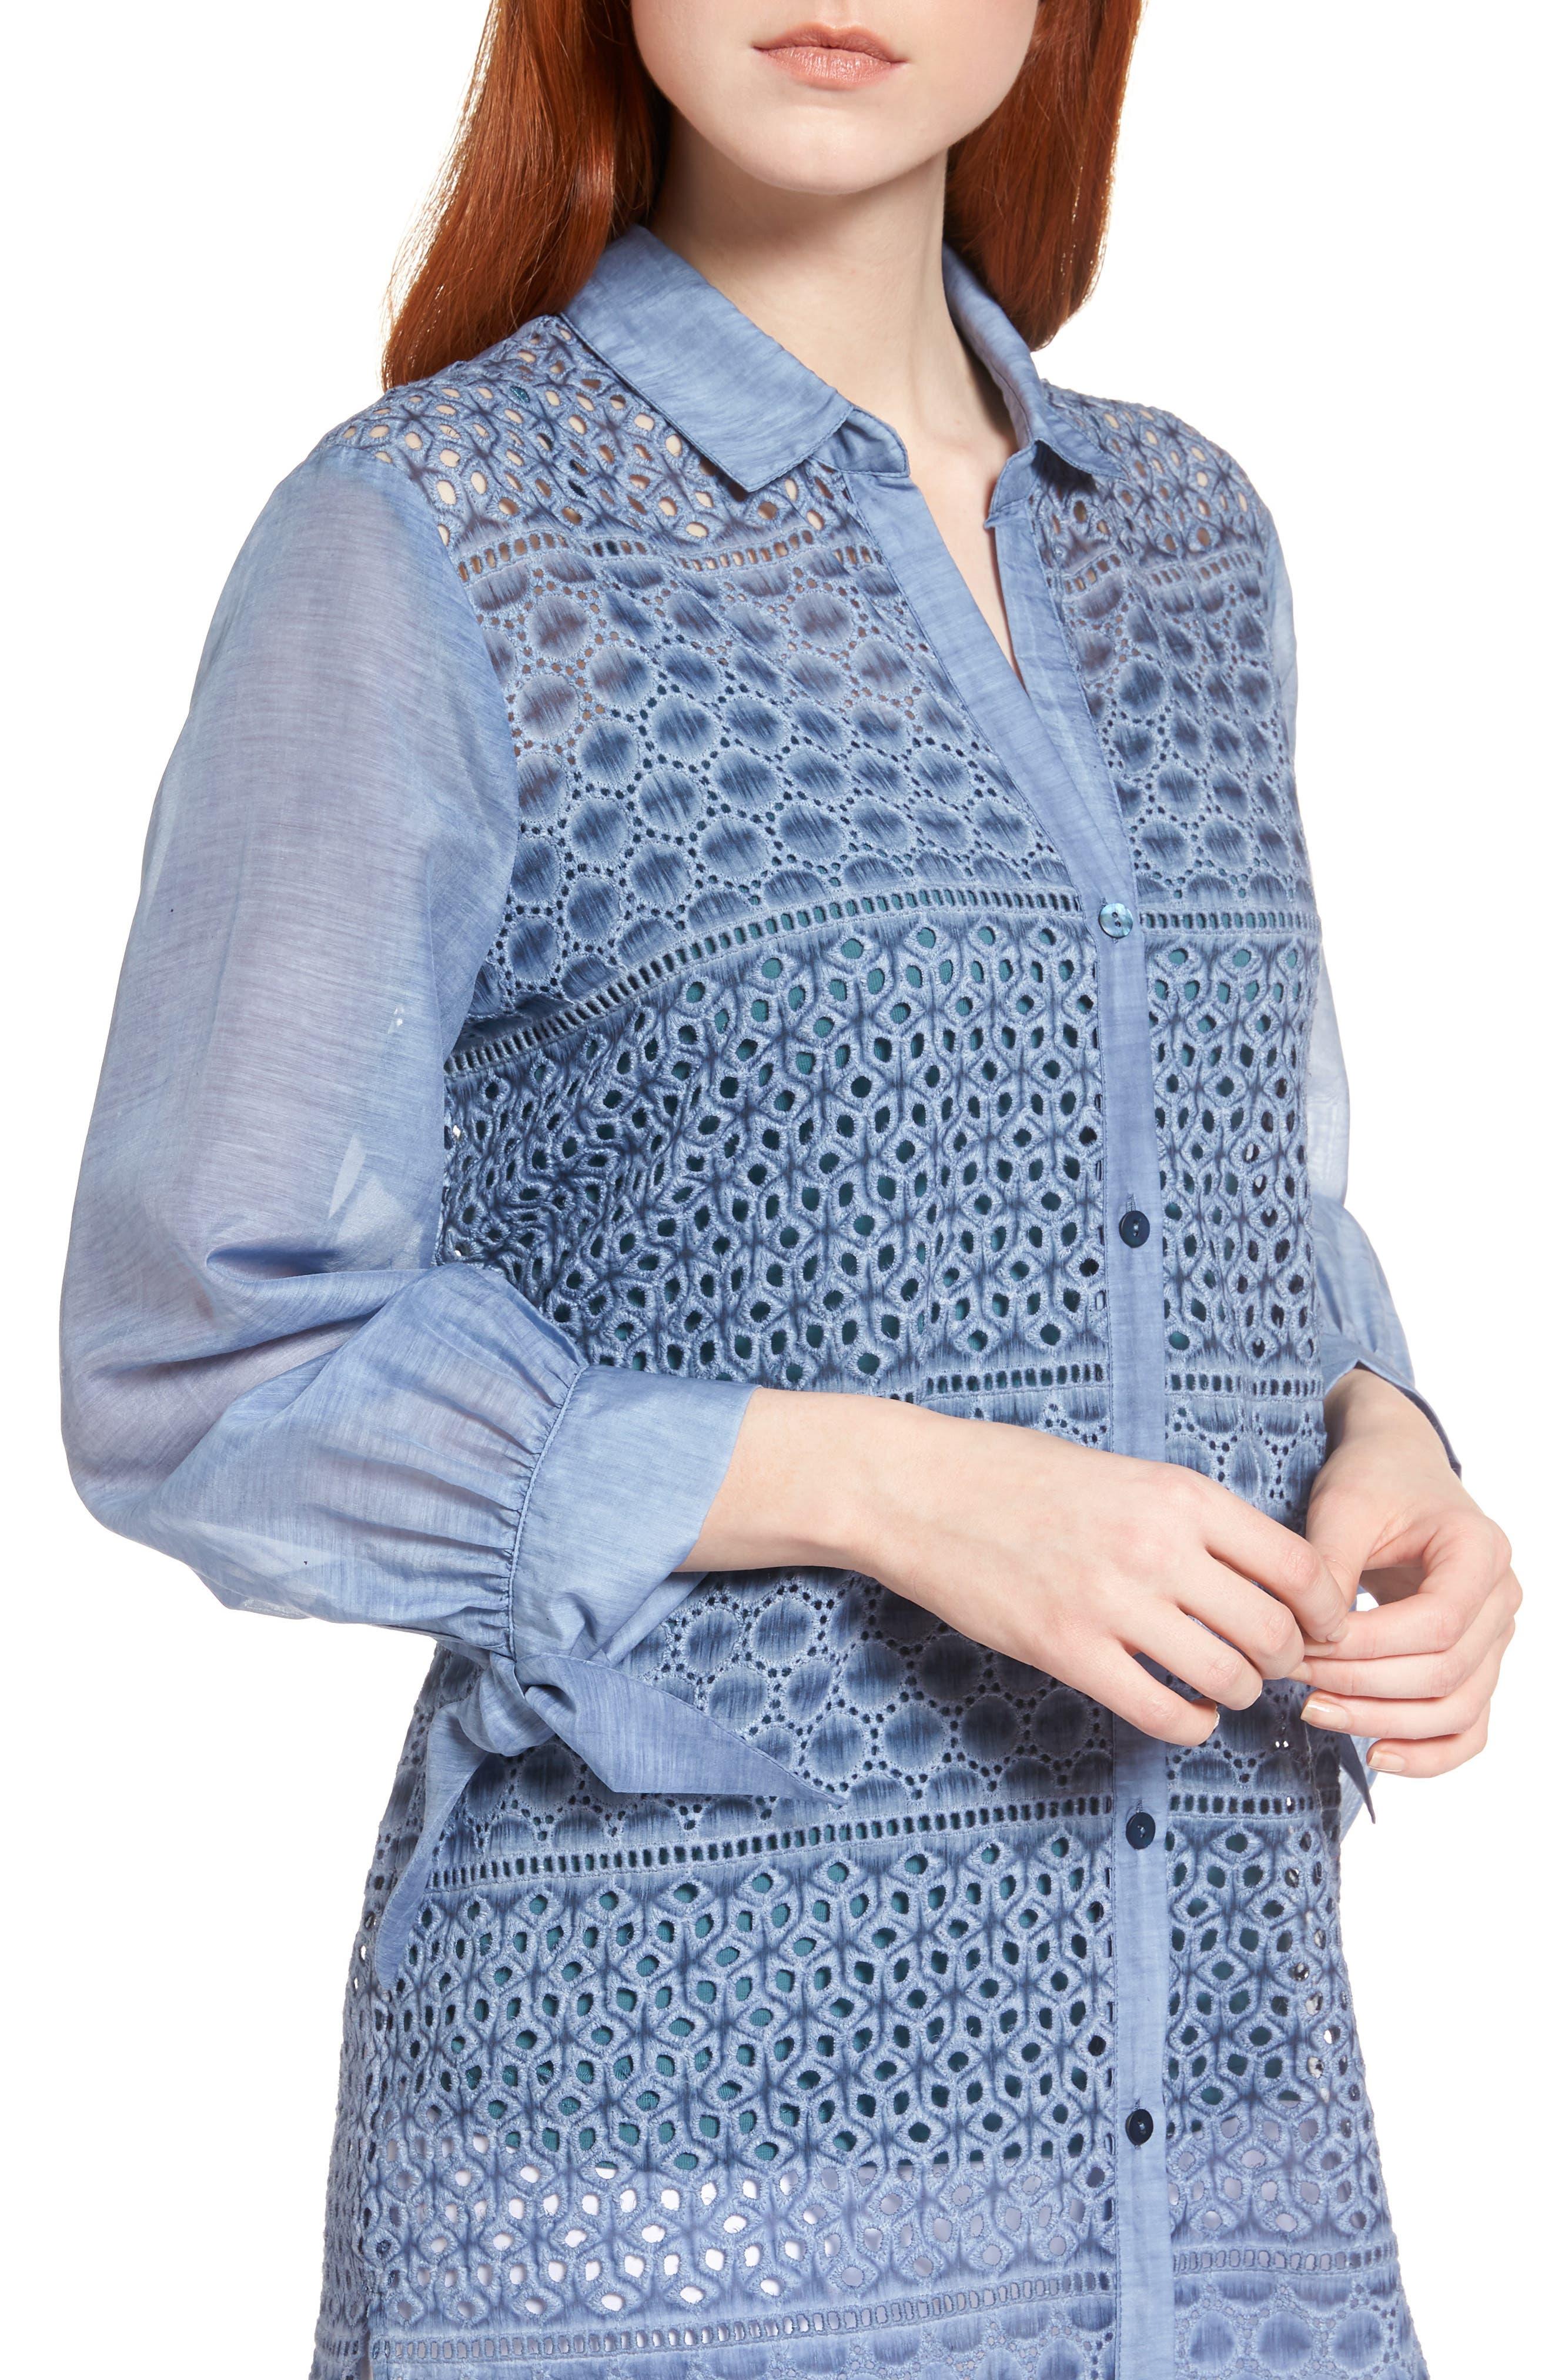 Mosaic Lace Cotton Silk Blouse,                             Alternate thumbnail 4, color,                             Mosaic Blue